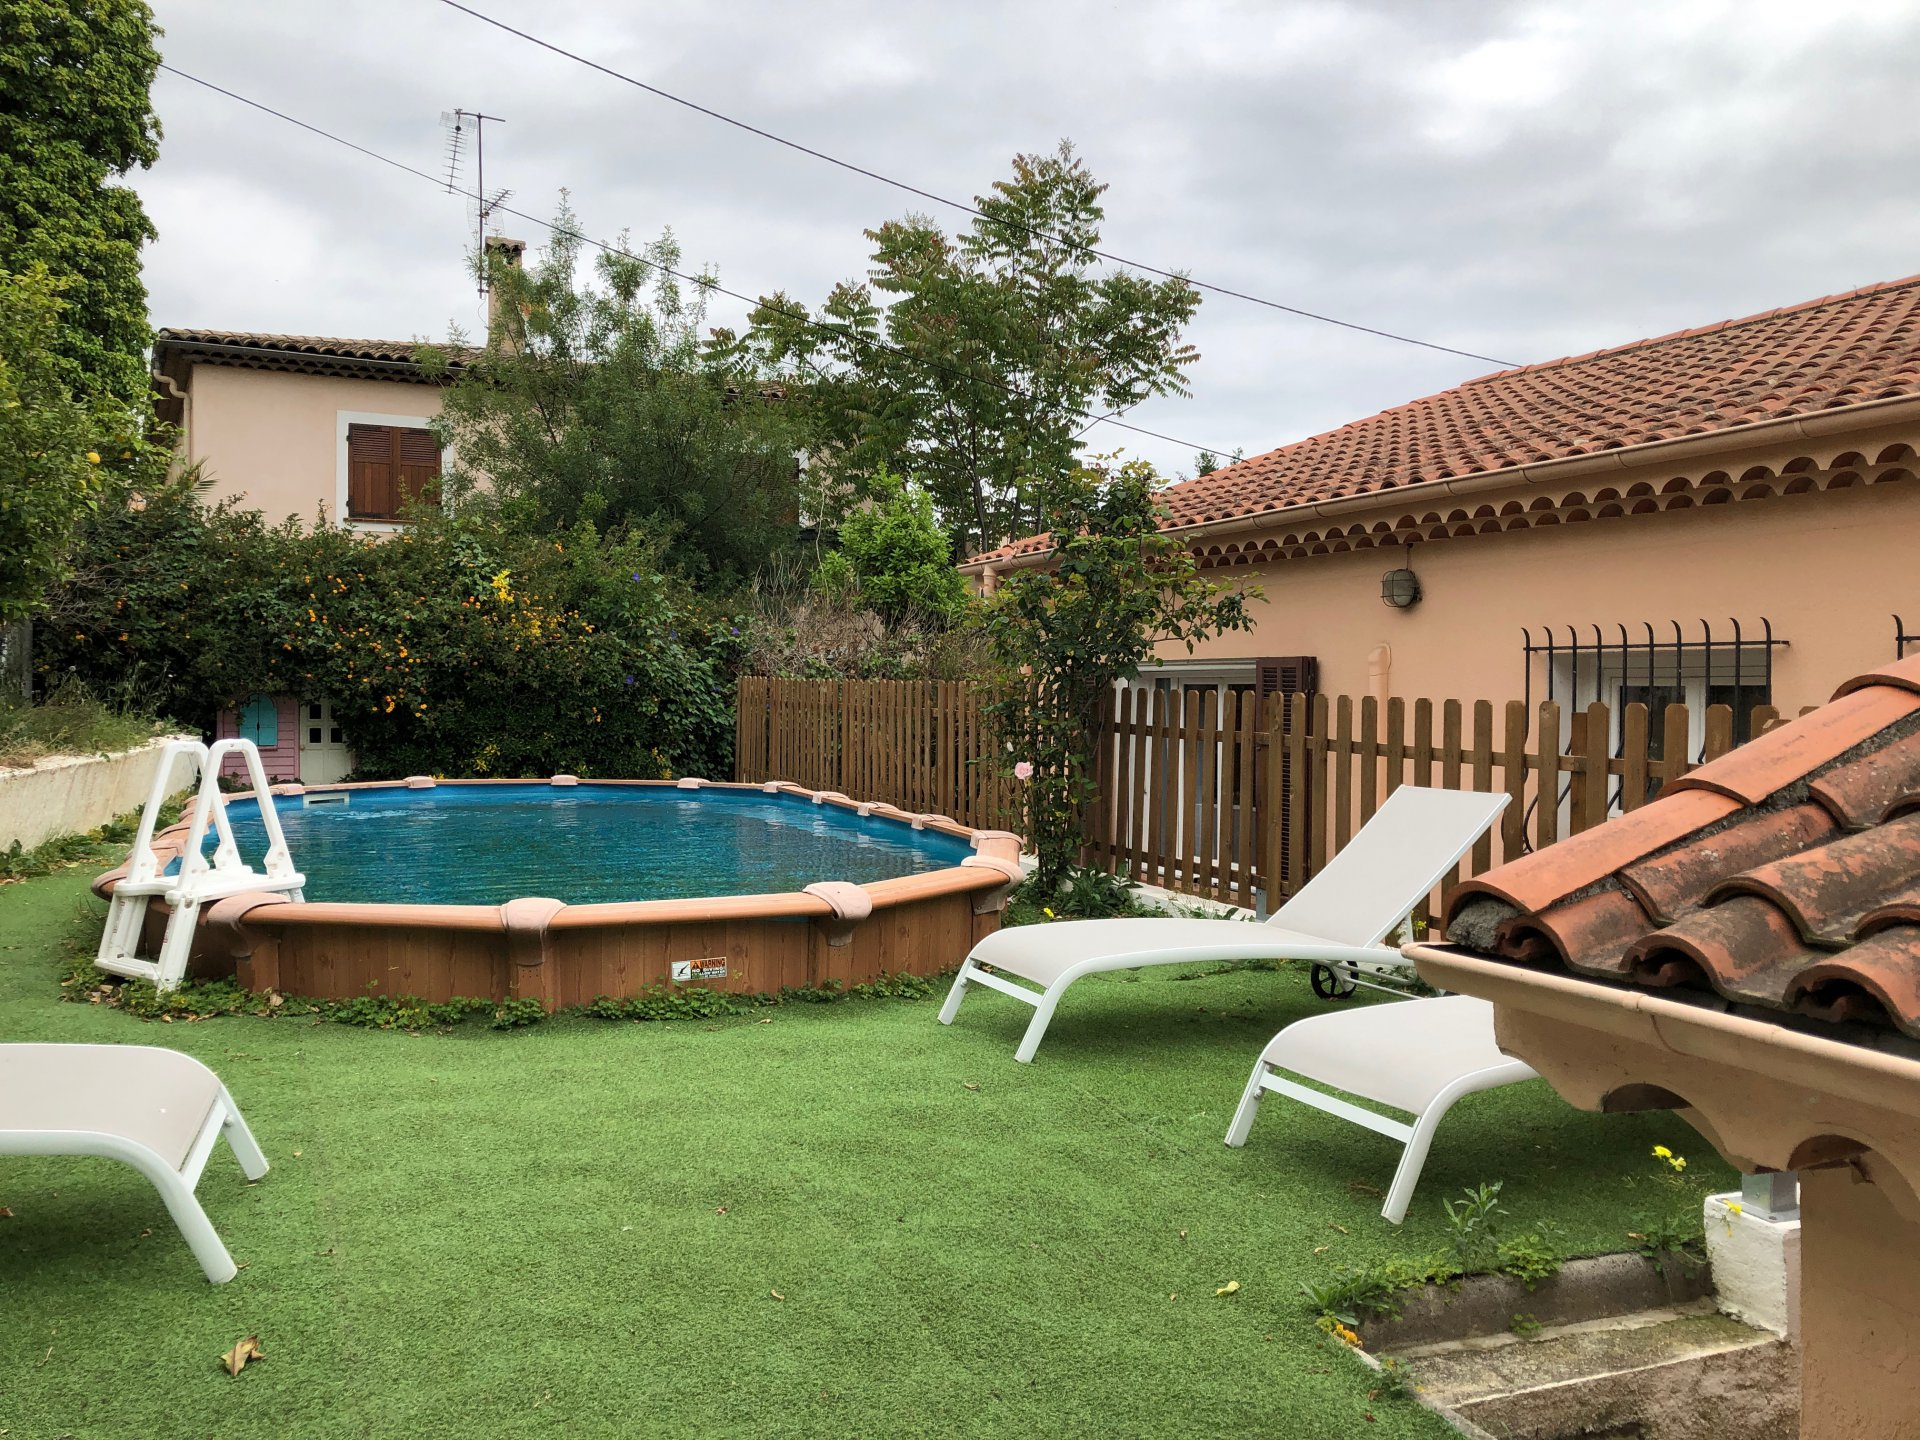 Cagnes sur mer (06800) - Villa 4 pièces avec piscine